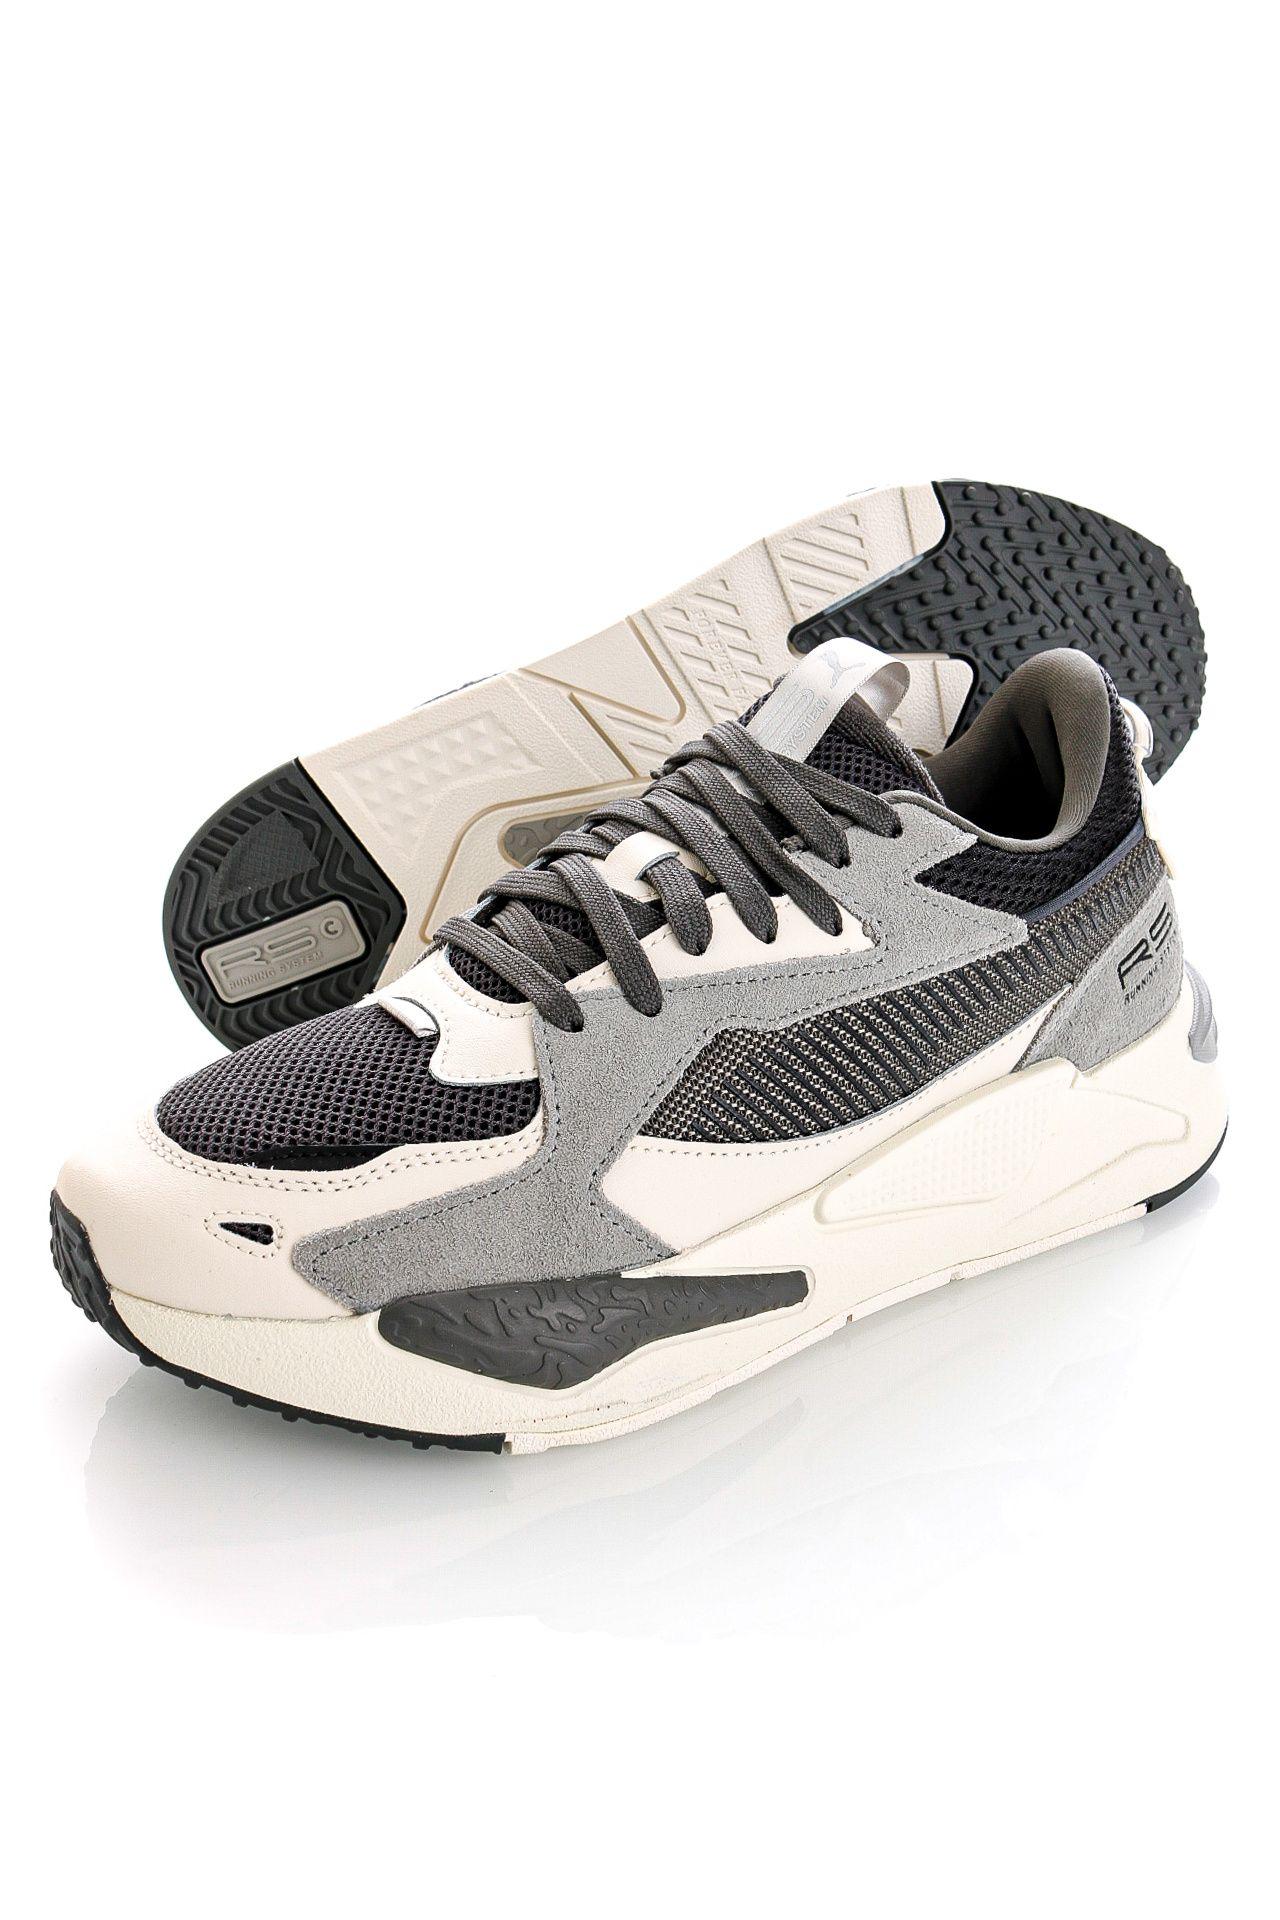 Afbeelding van Puma Sneakers RS-Z Whisper White-Limestone-Dark Shadow 38164006